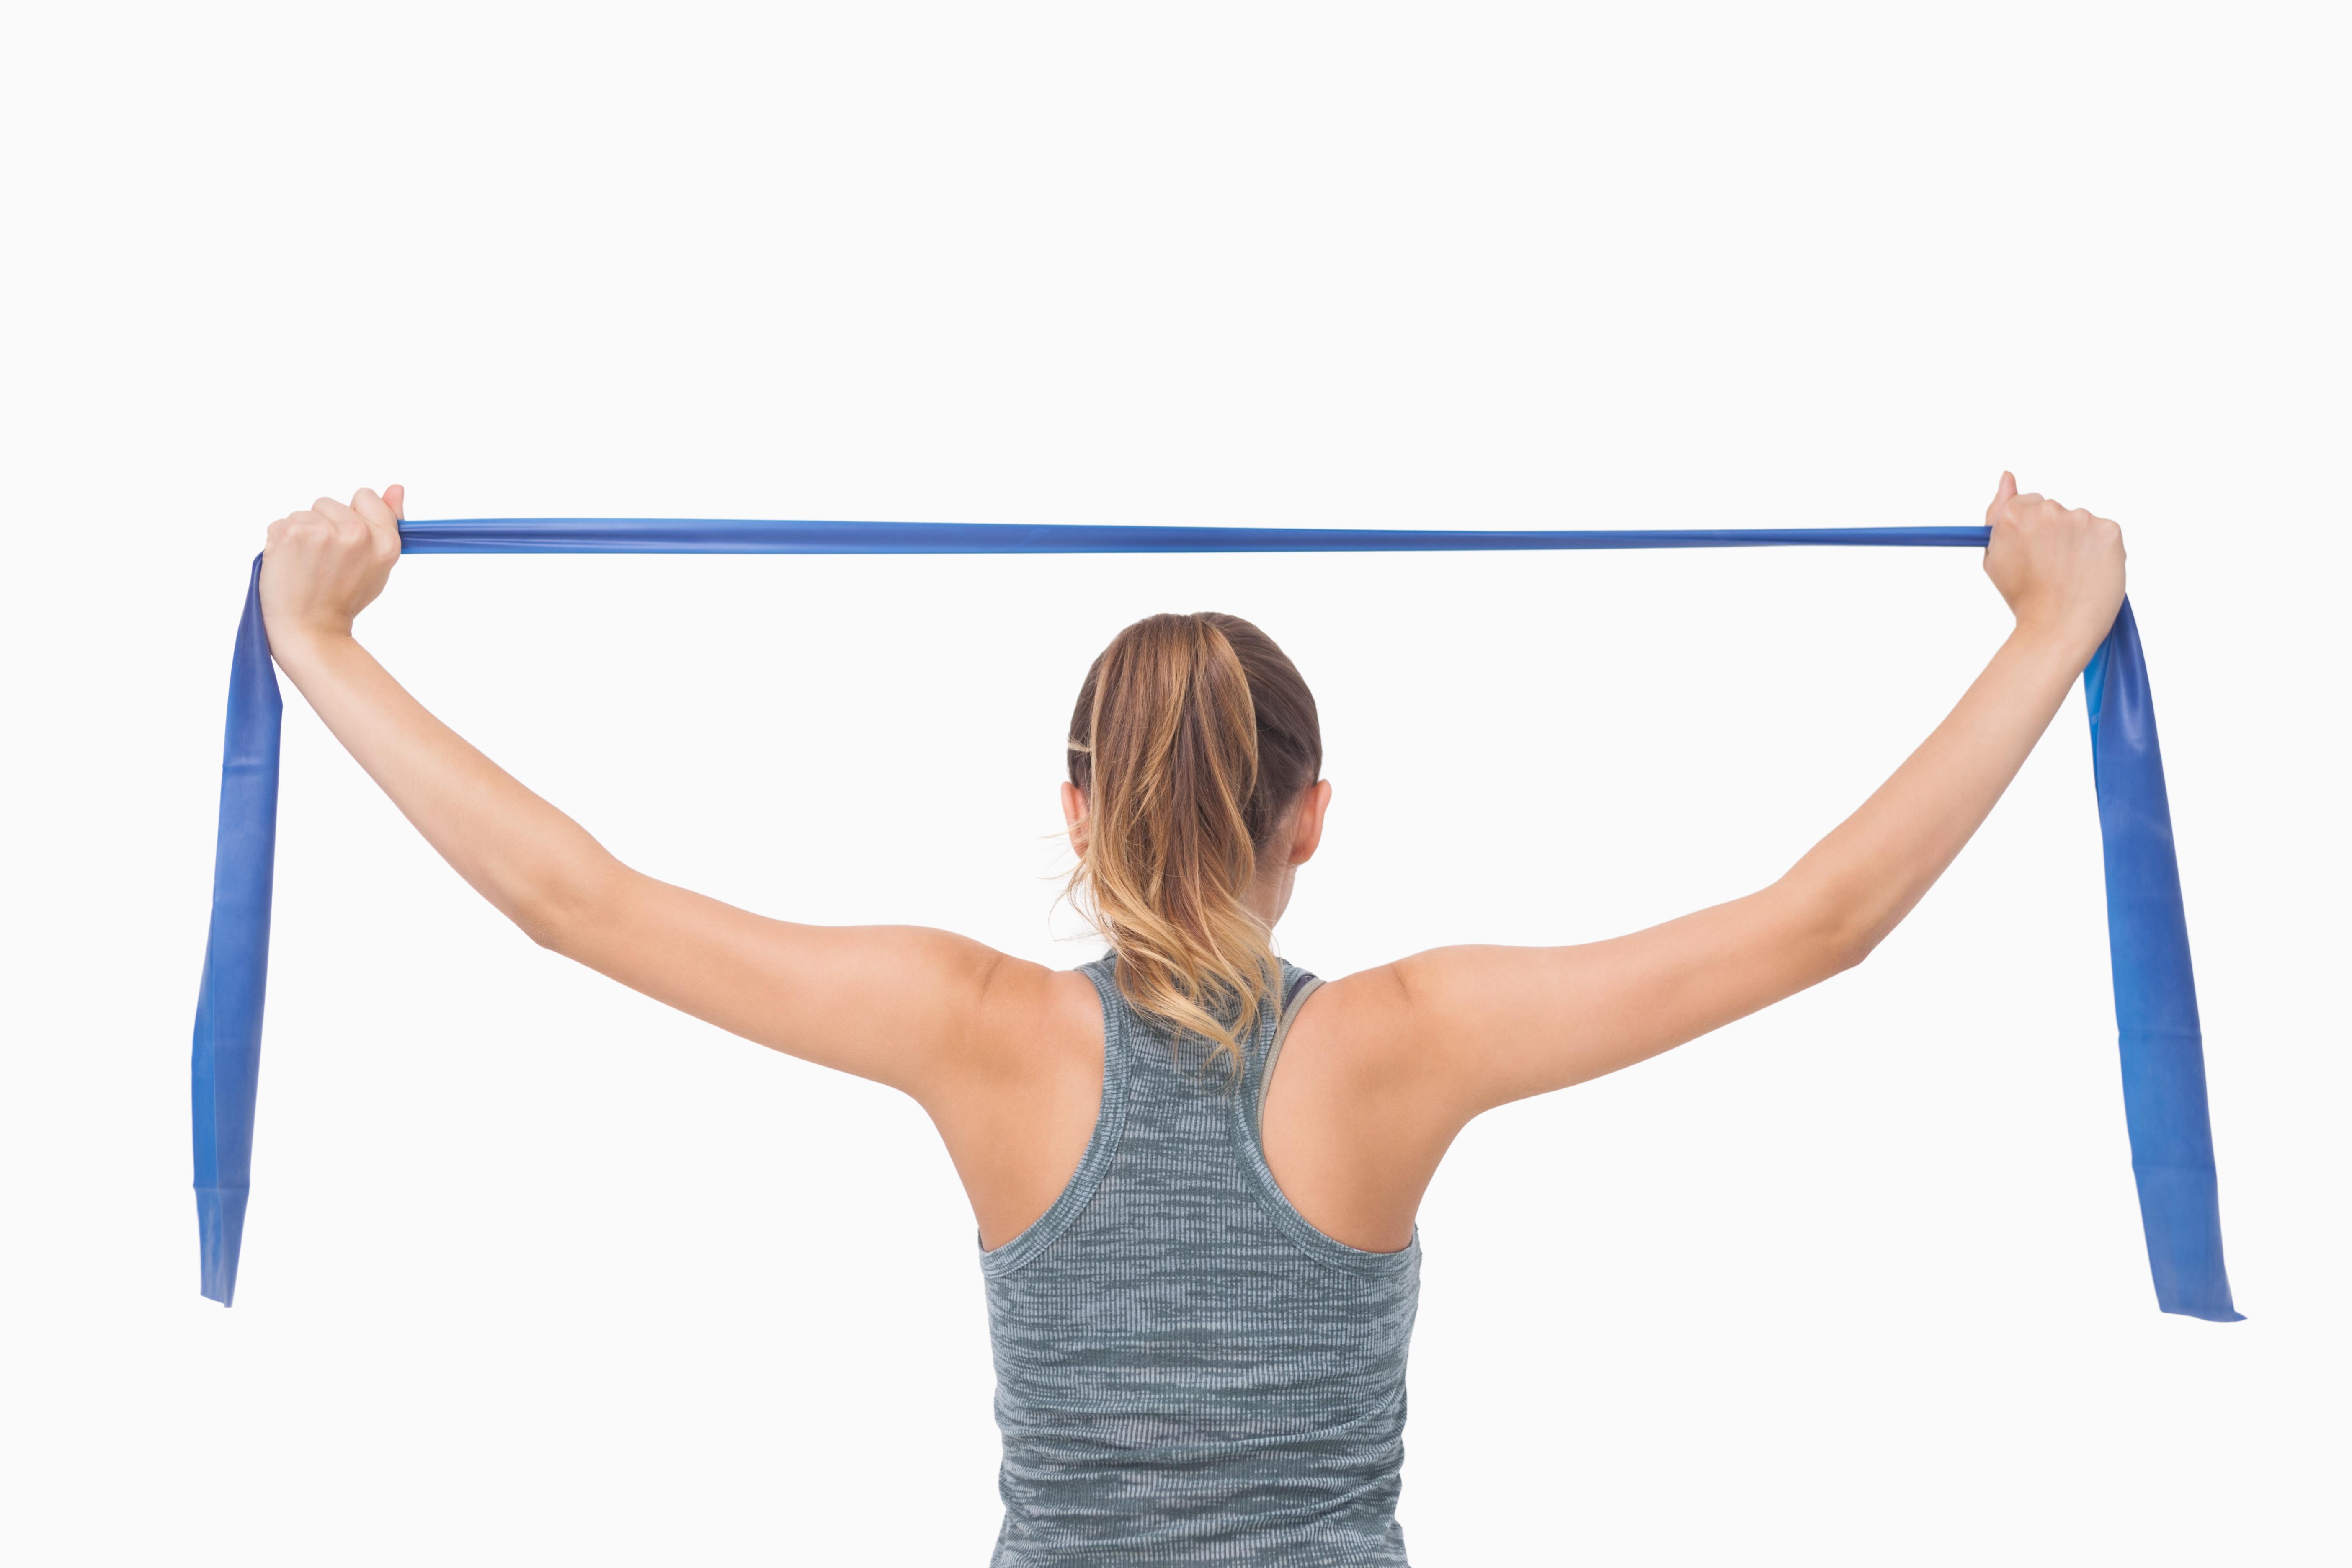 Junge Frau in hellgrauem Top von hinten zieht blaues Theraband auseinander und trainiert den Rücken